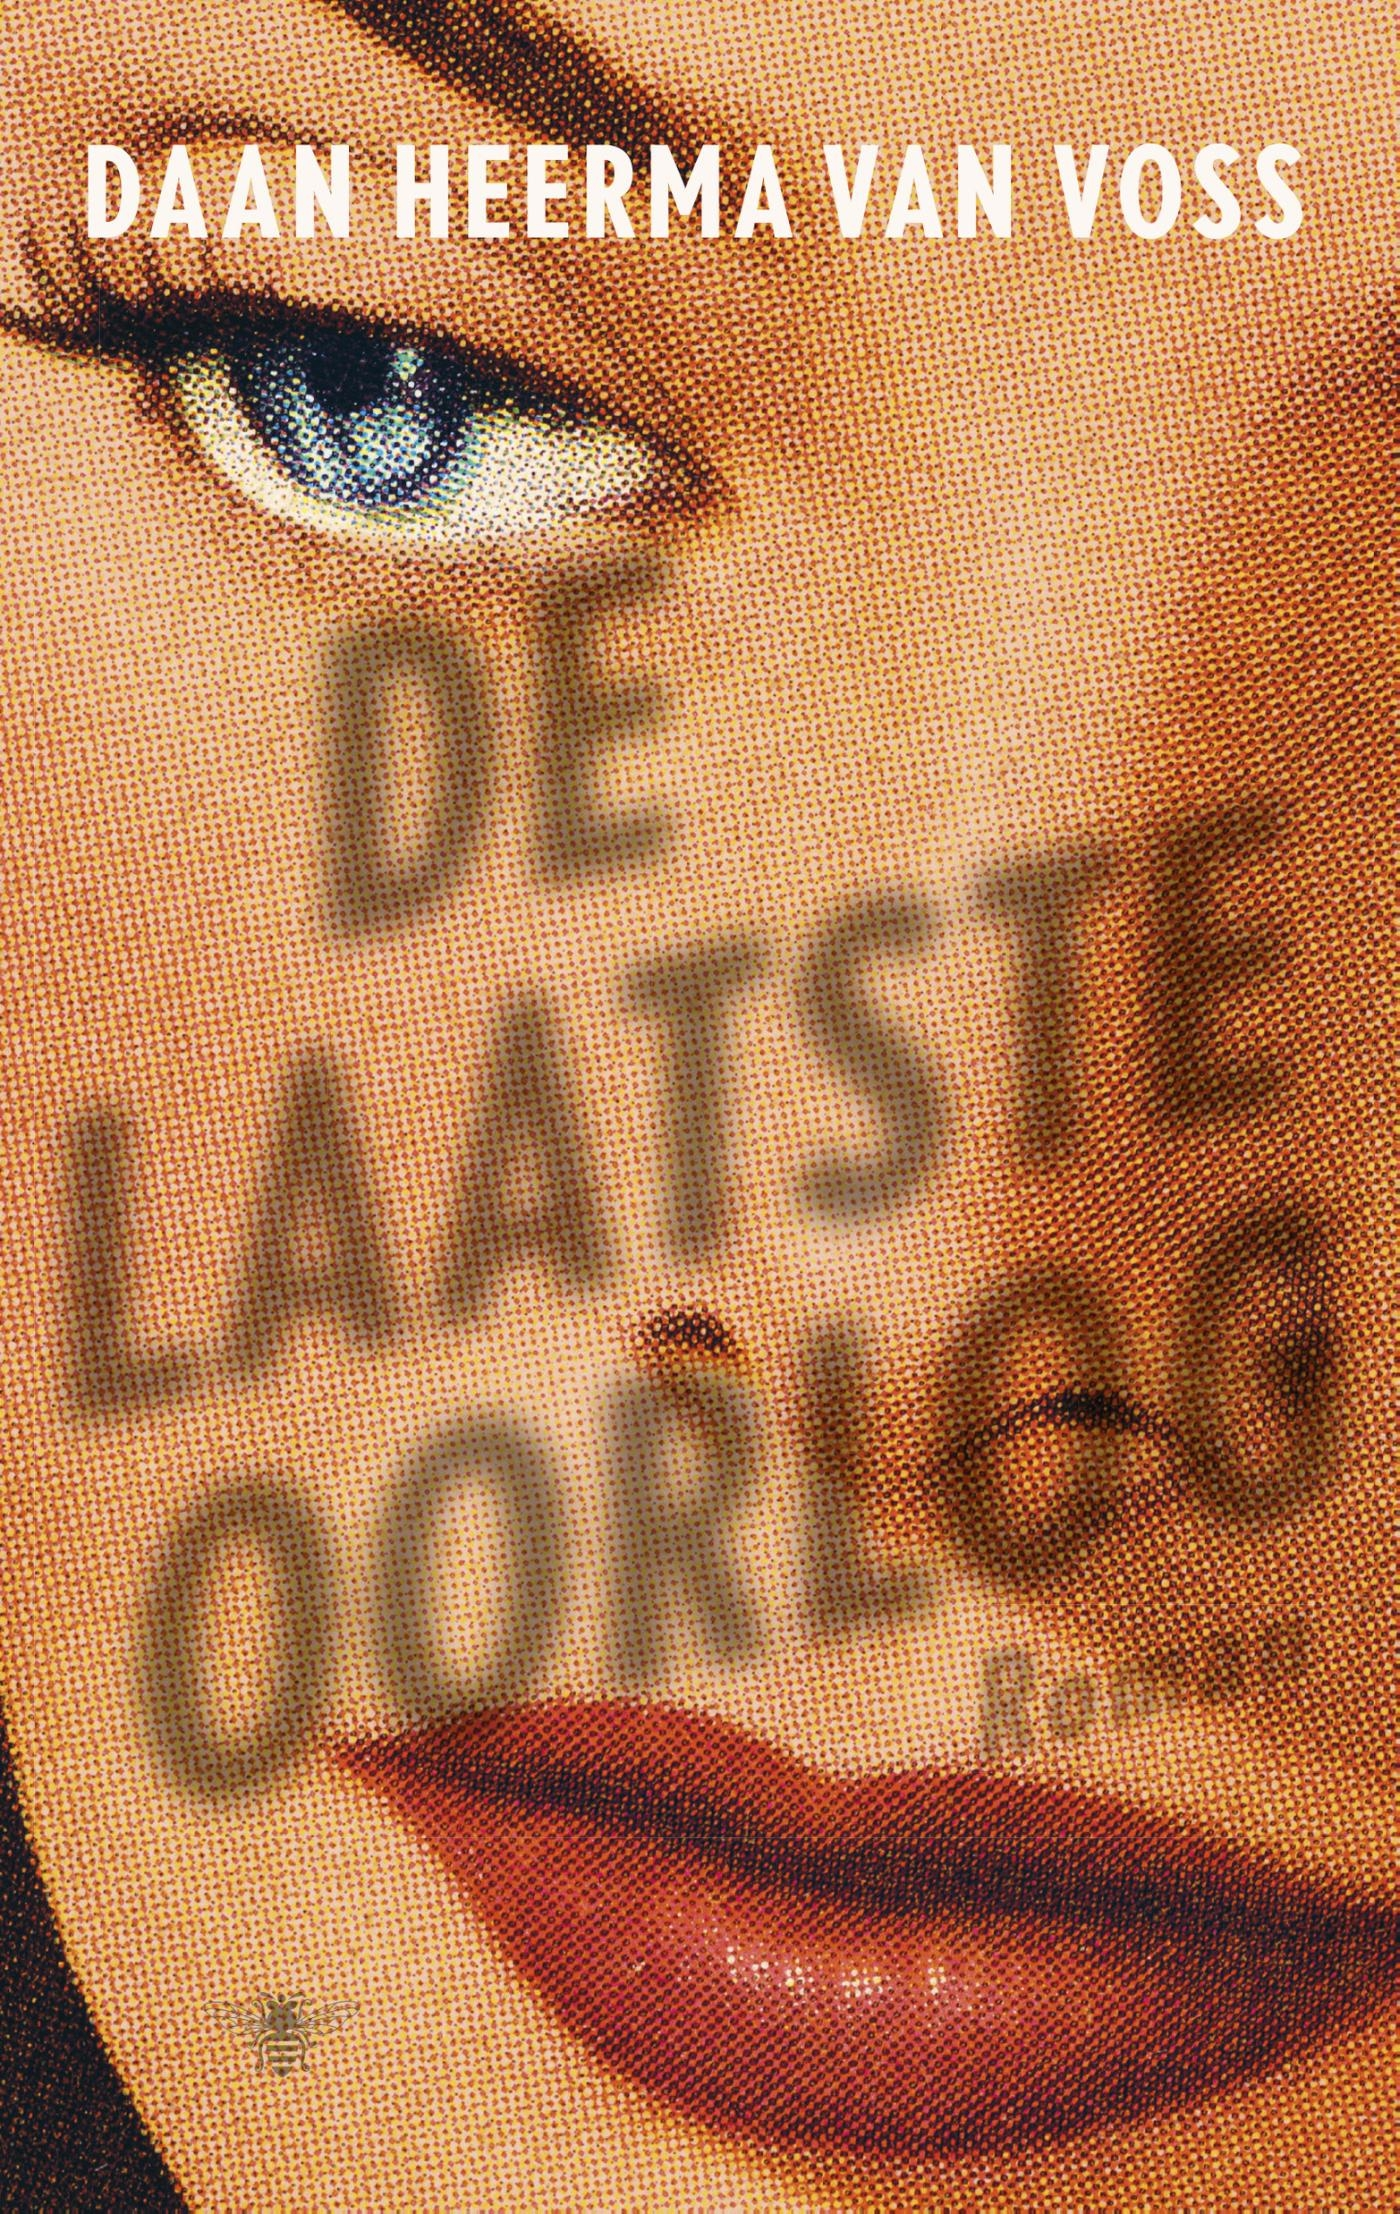 De laatste oorlog – Daan Heerma van Voss